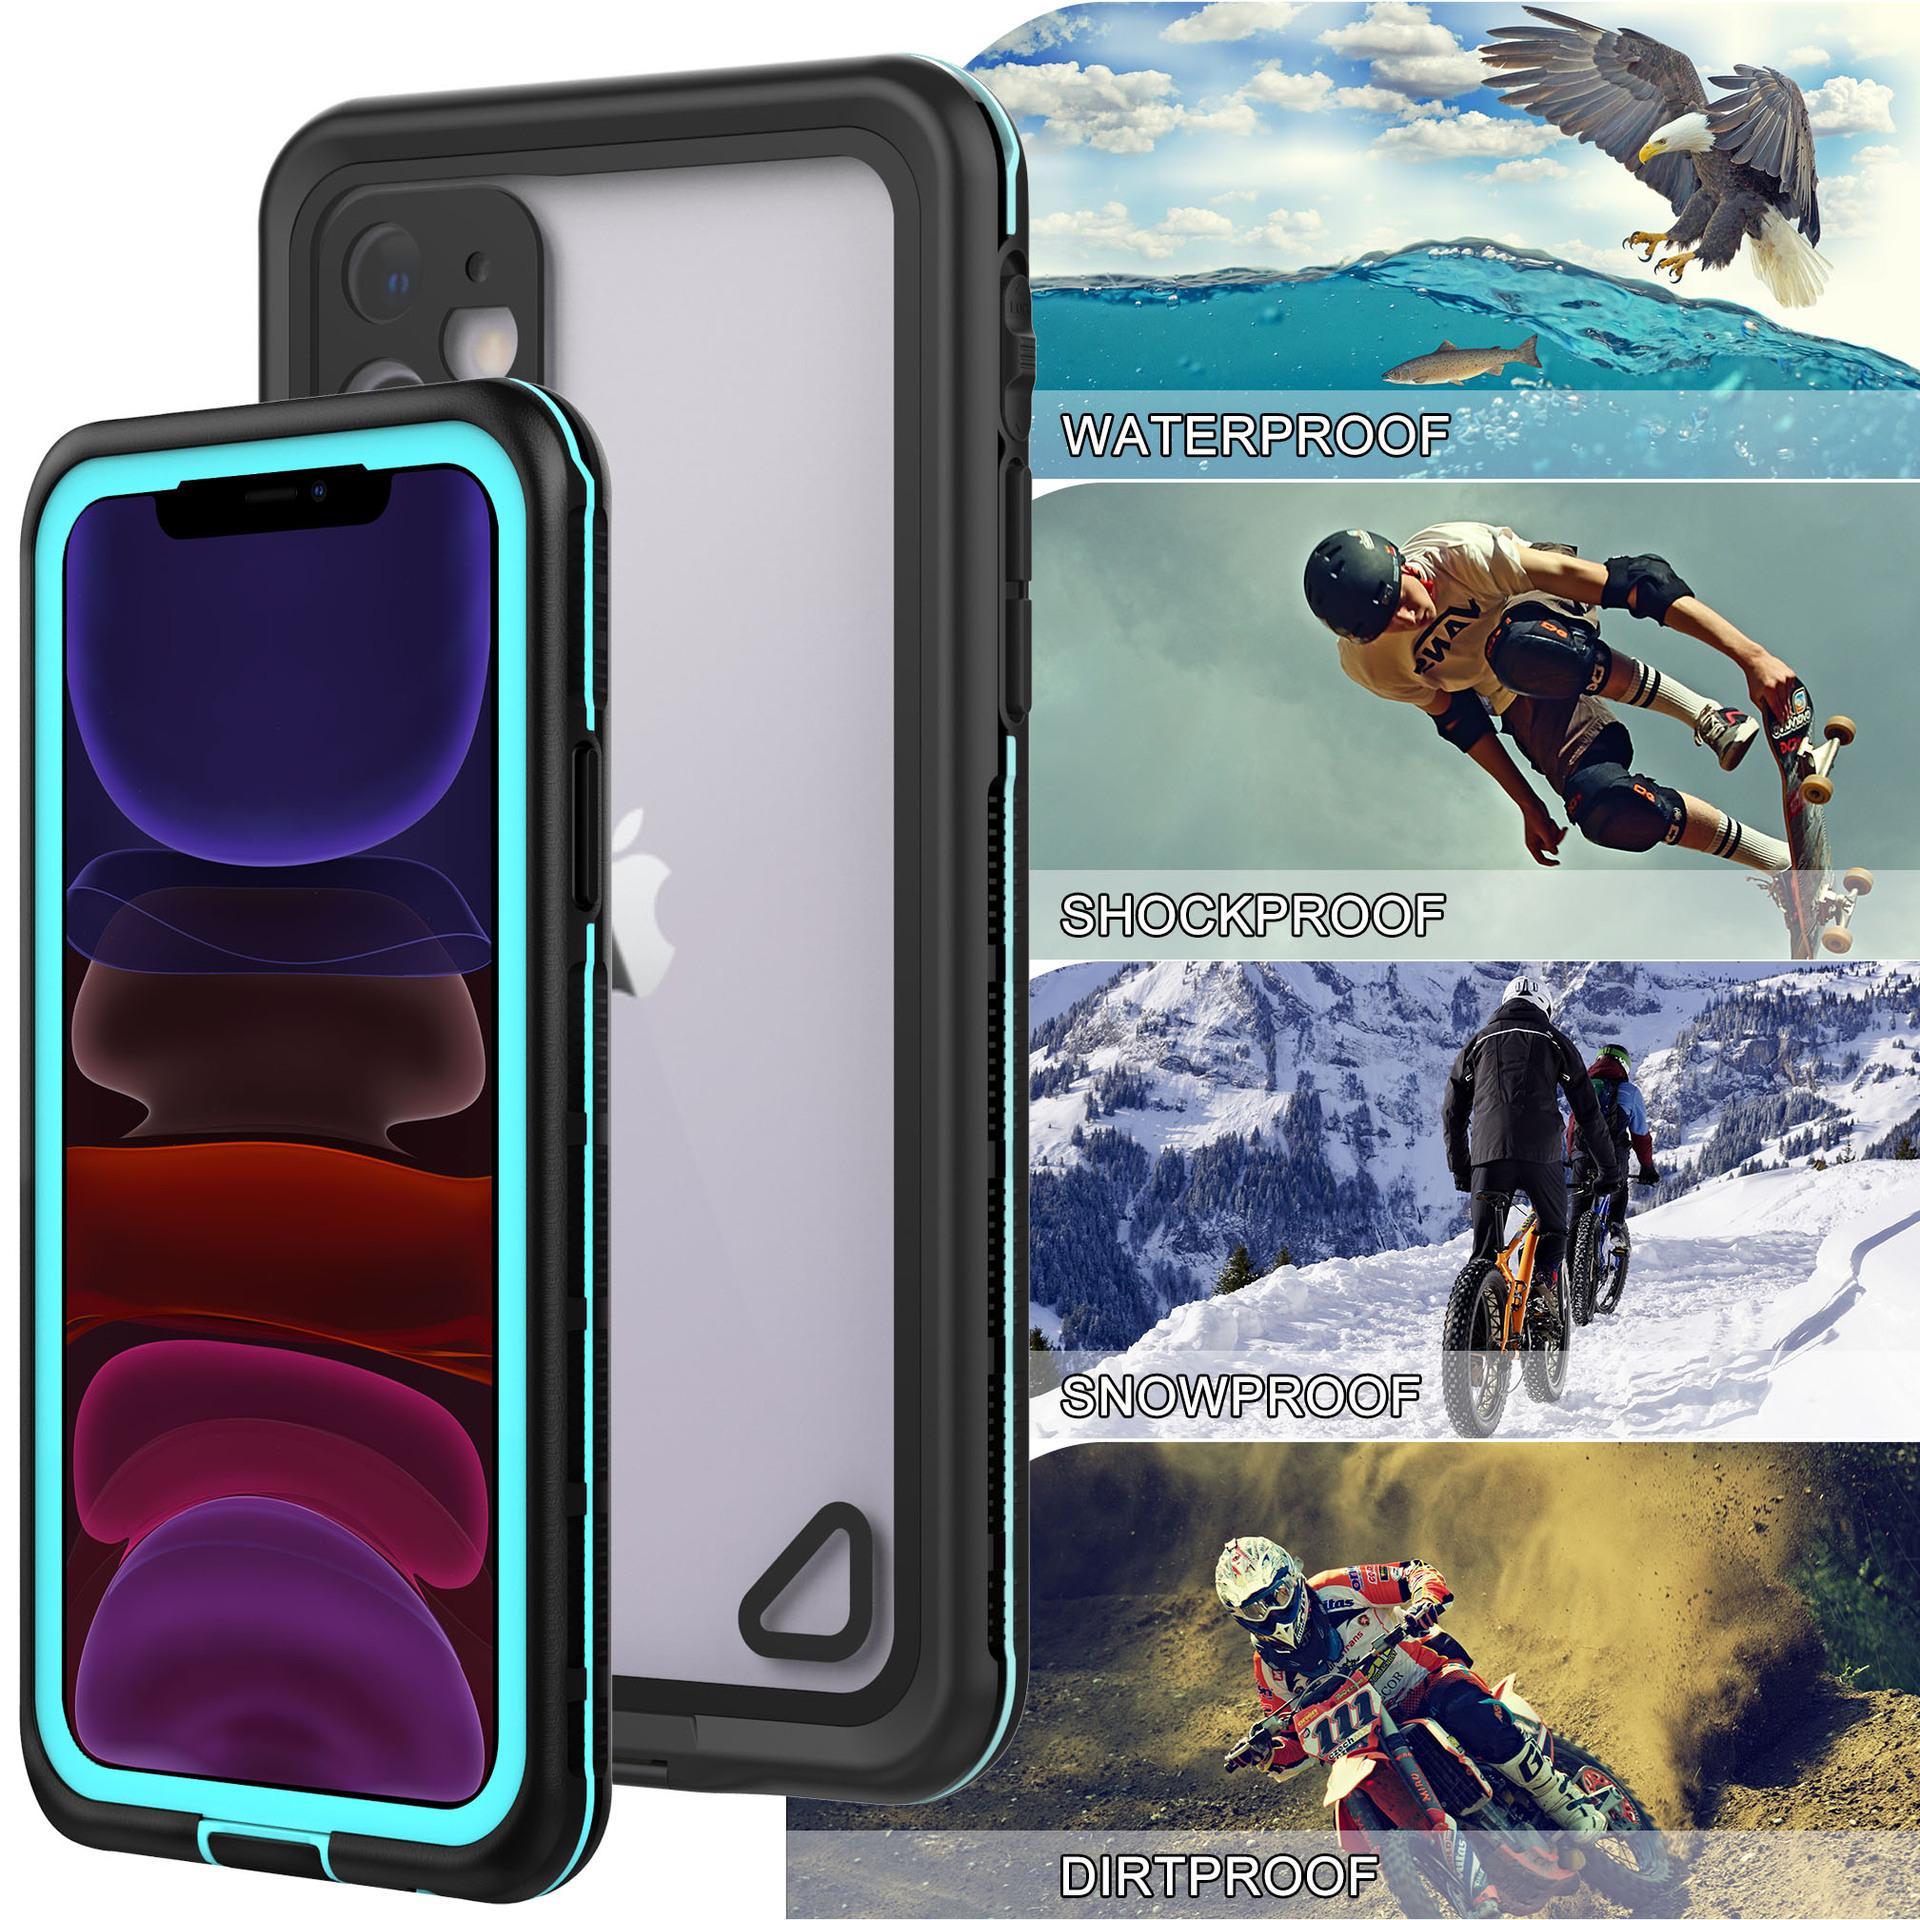 OEM bao da điện thoại Nguồn Nhà máy Vỏ chống nước mới cho iPhone11 Bán chạy nhất Vỏ chống nước iPhon